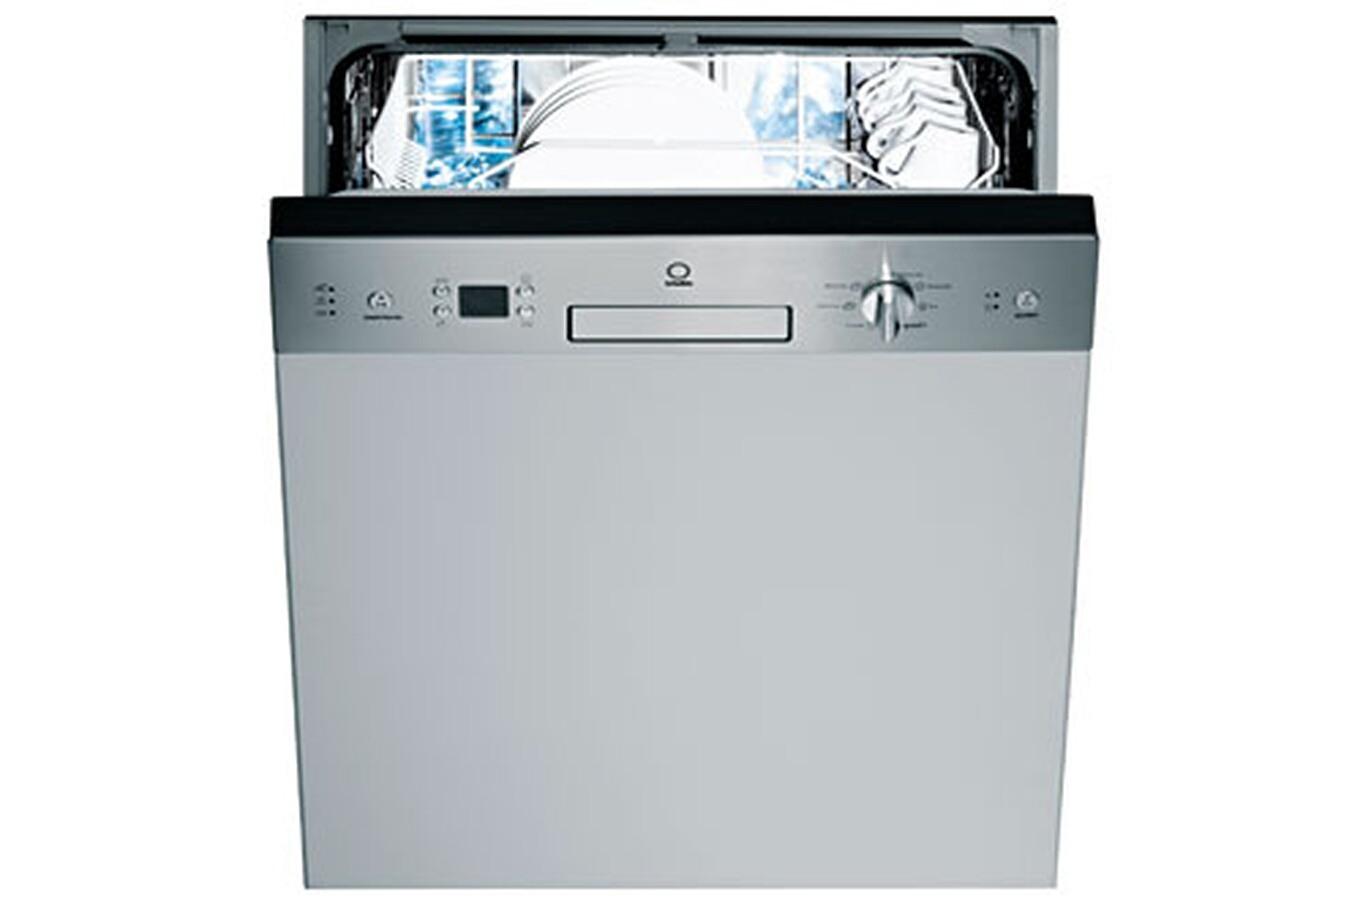 lave vaisselle encastrable scholtes lpe 14 2070 ix inox lpe 14 2070 ix 3380807 darty. Black Bedroom Furniture Sets. Home Design Ideas